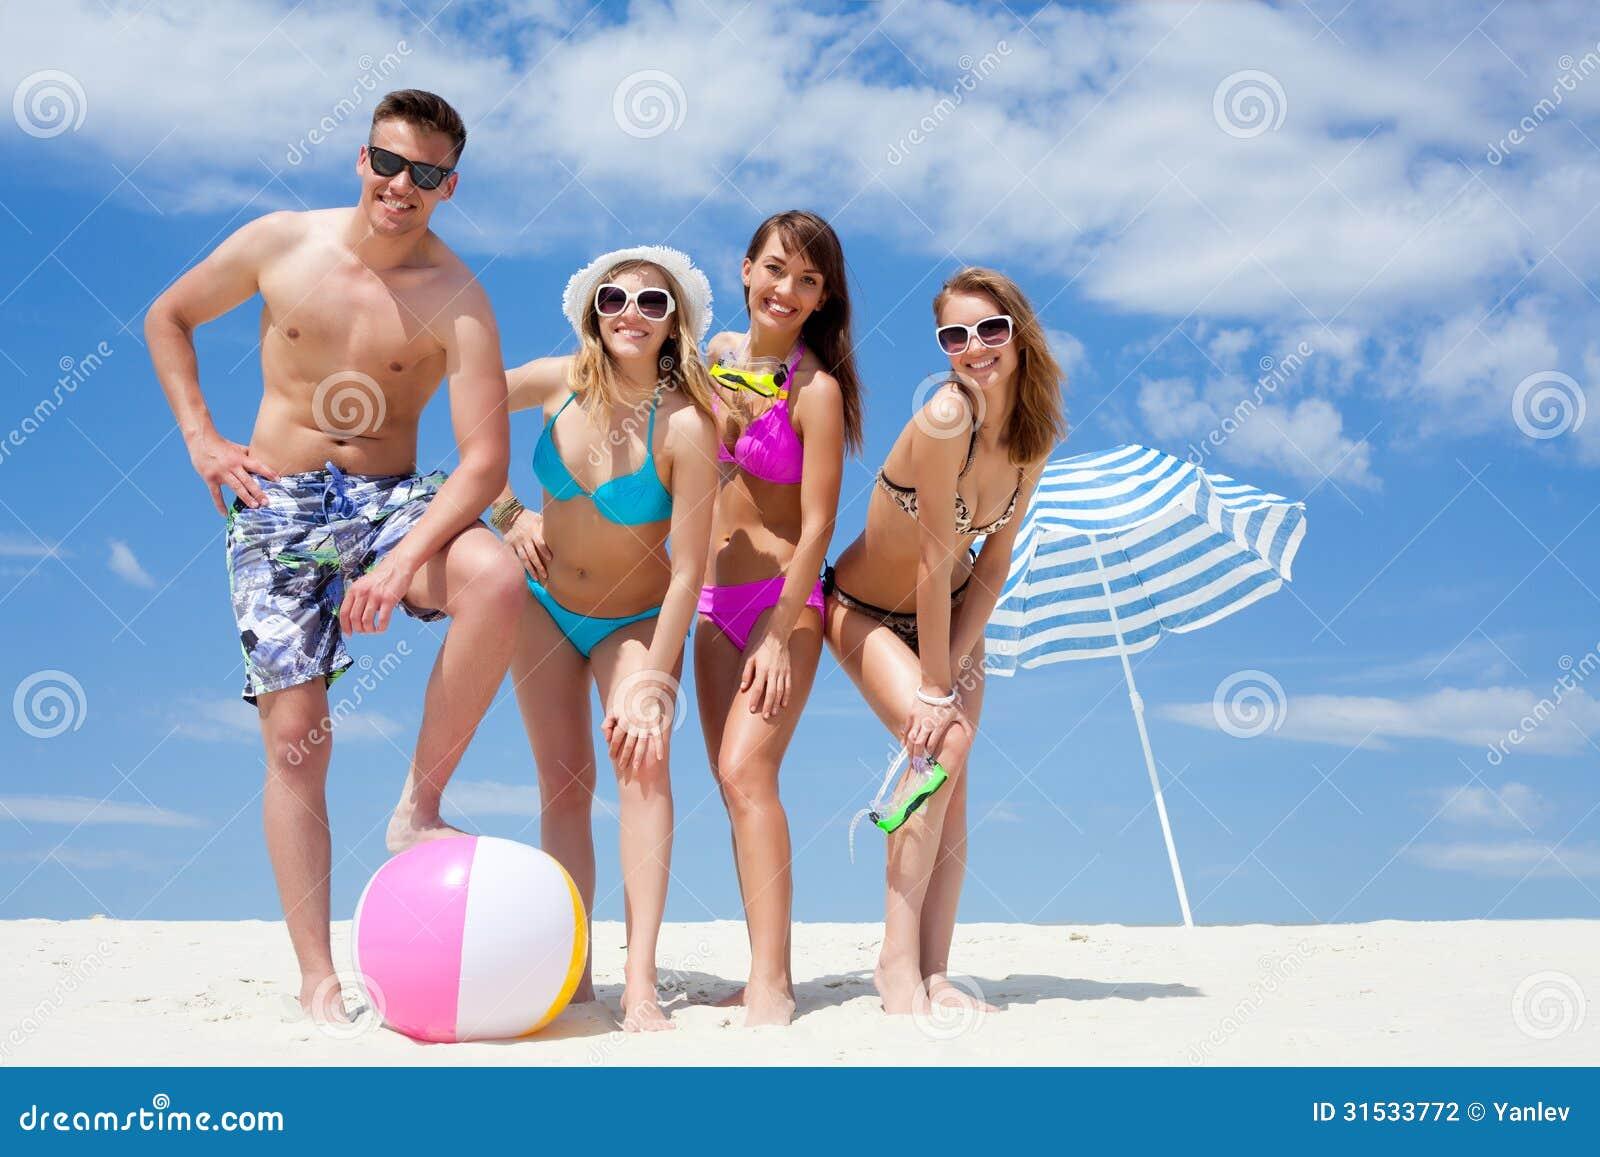 Фото обычных людей на пляже 16 фотография